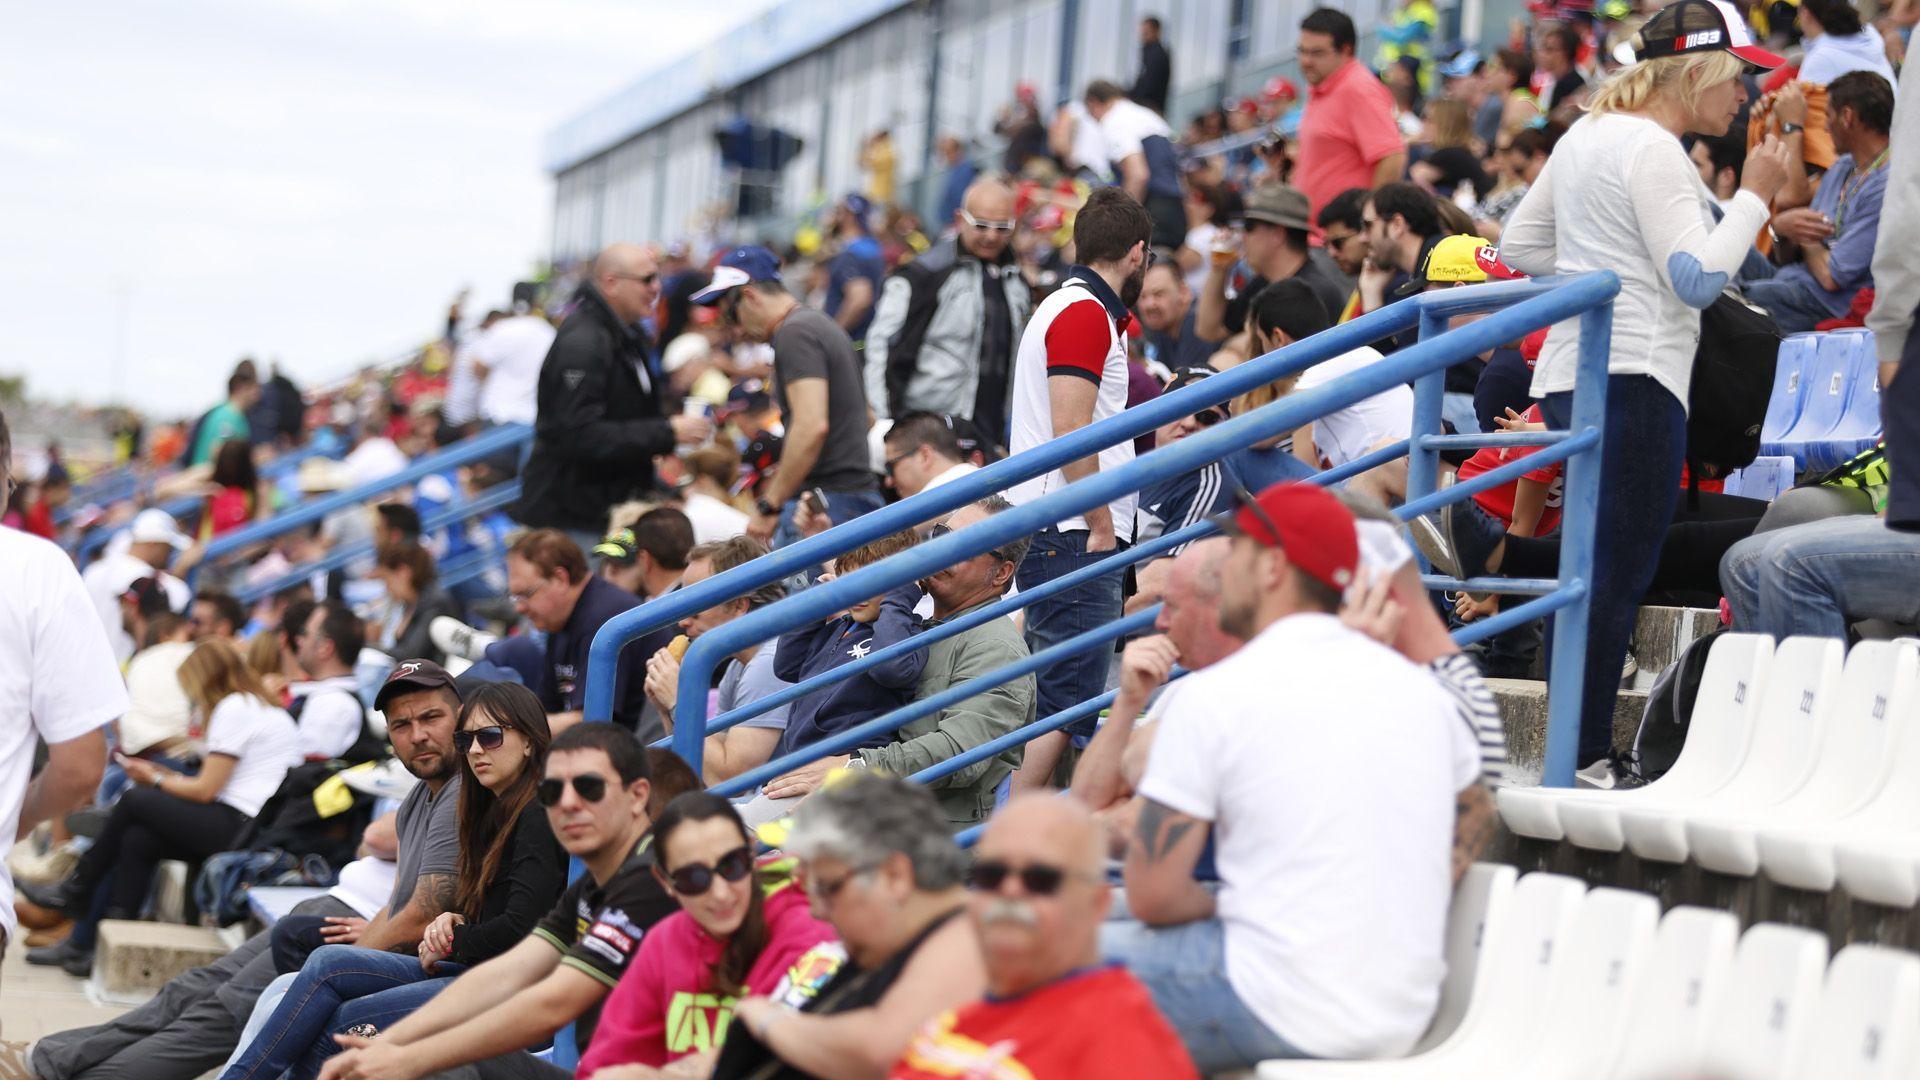 Gradería de público del circuito de Jerez - Domingo 24/04/2016   Imagen de Cristo García